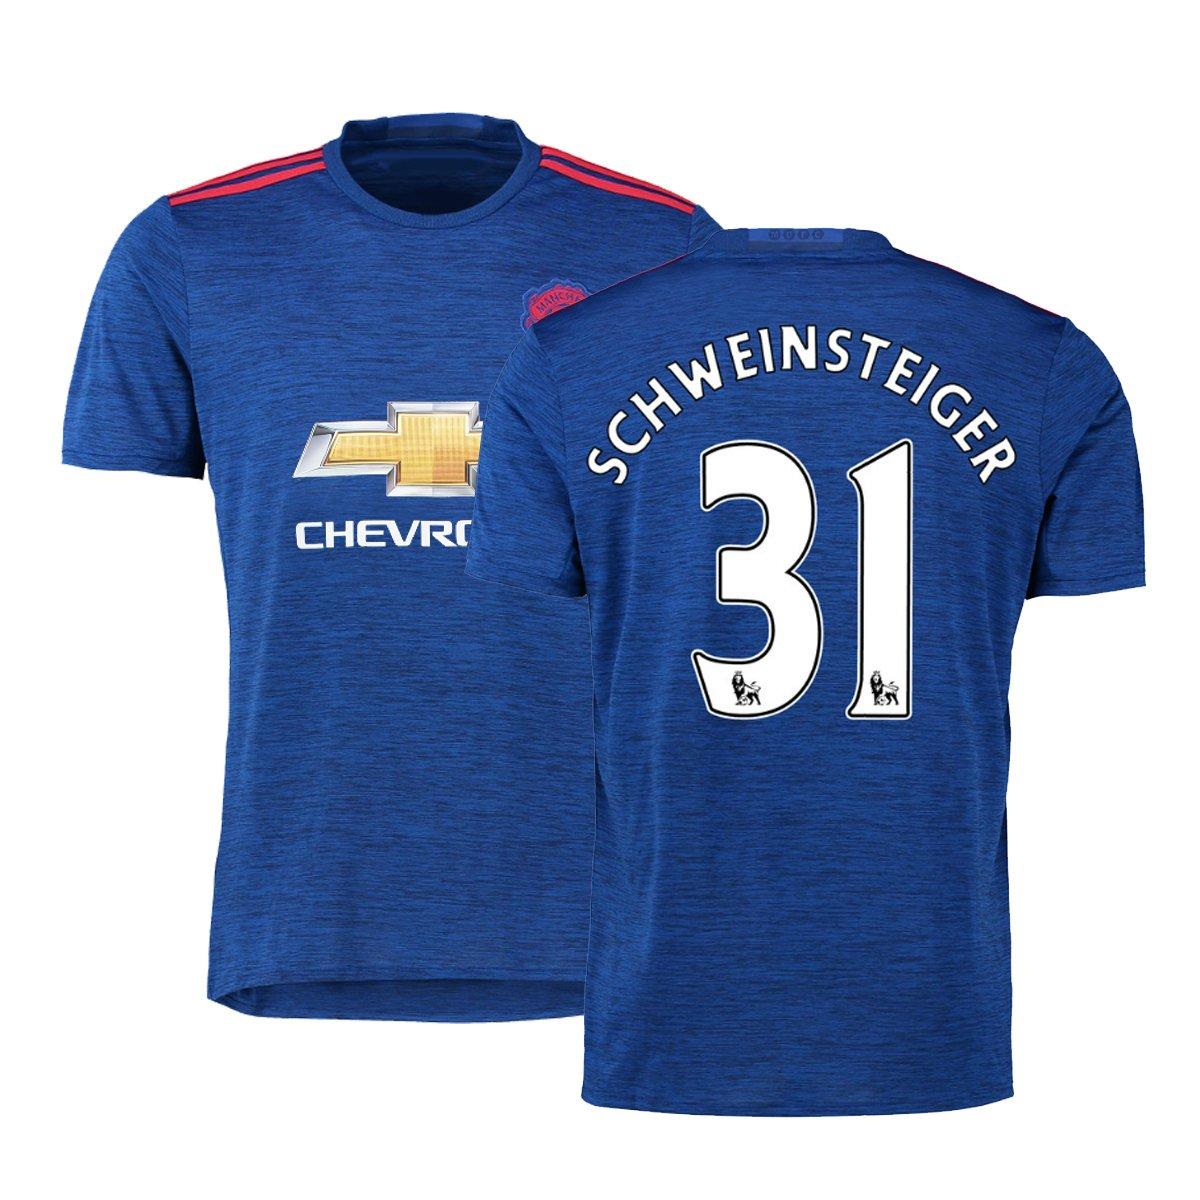 0cdc50fd FC Football Jersey Mens Manchester United Soccer Jersey #31 Schweinsteiger  Blue hot sale